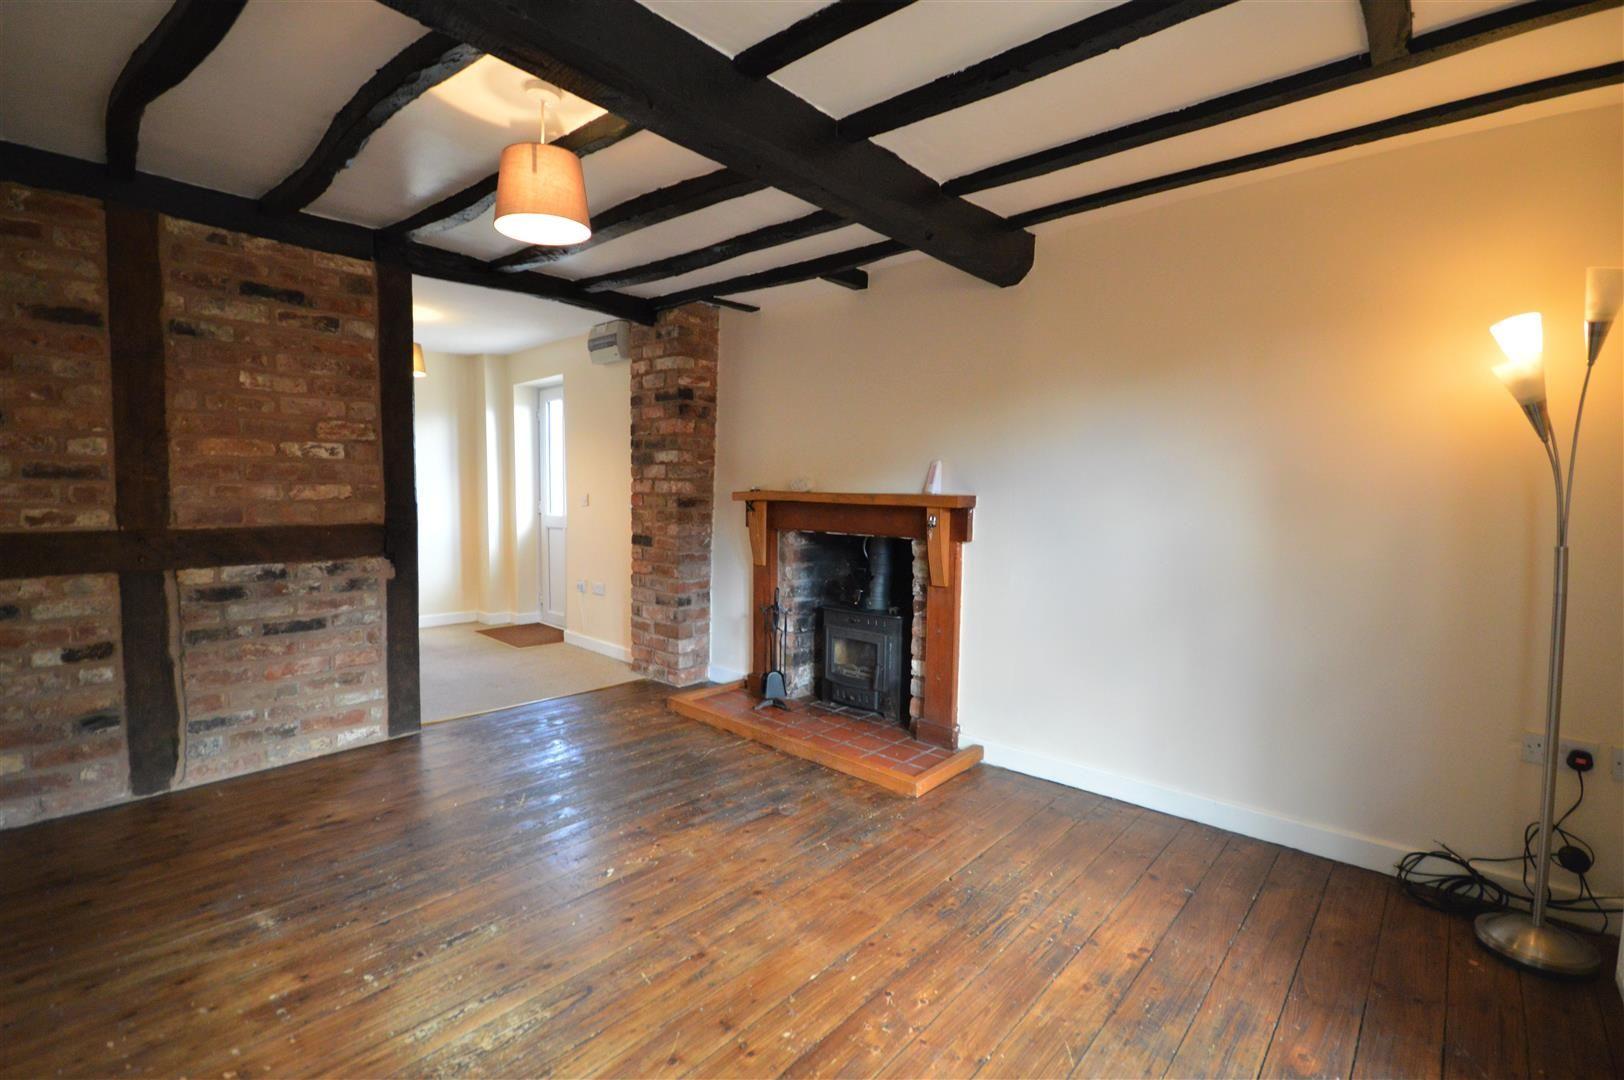 2 bed semi-detached for sale in Kingsland  - Property Image 2